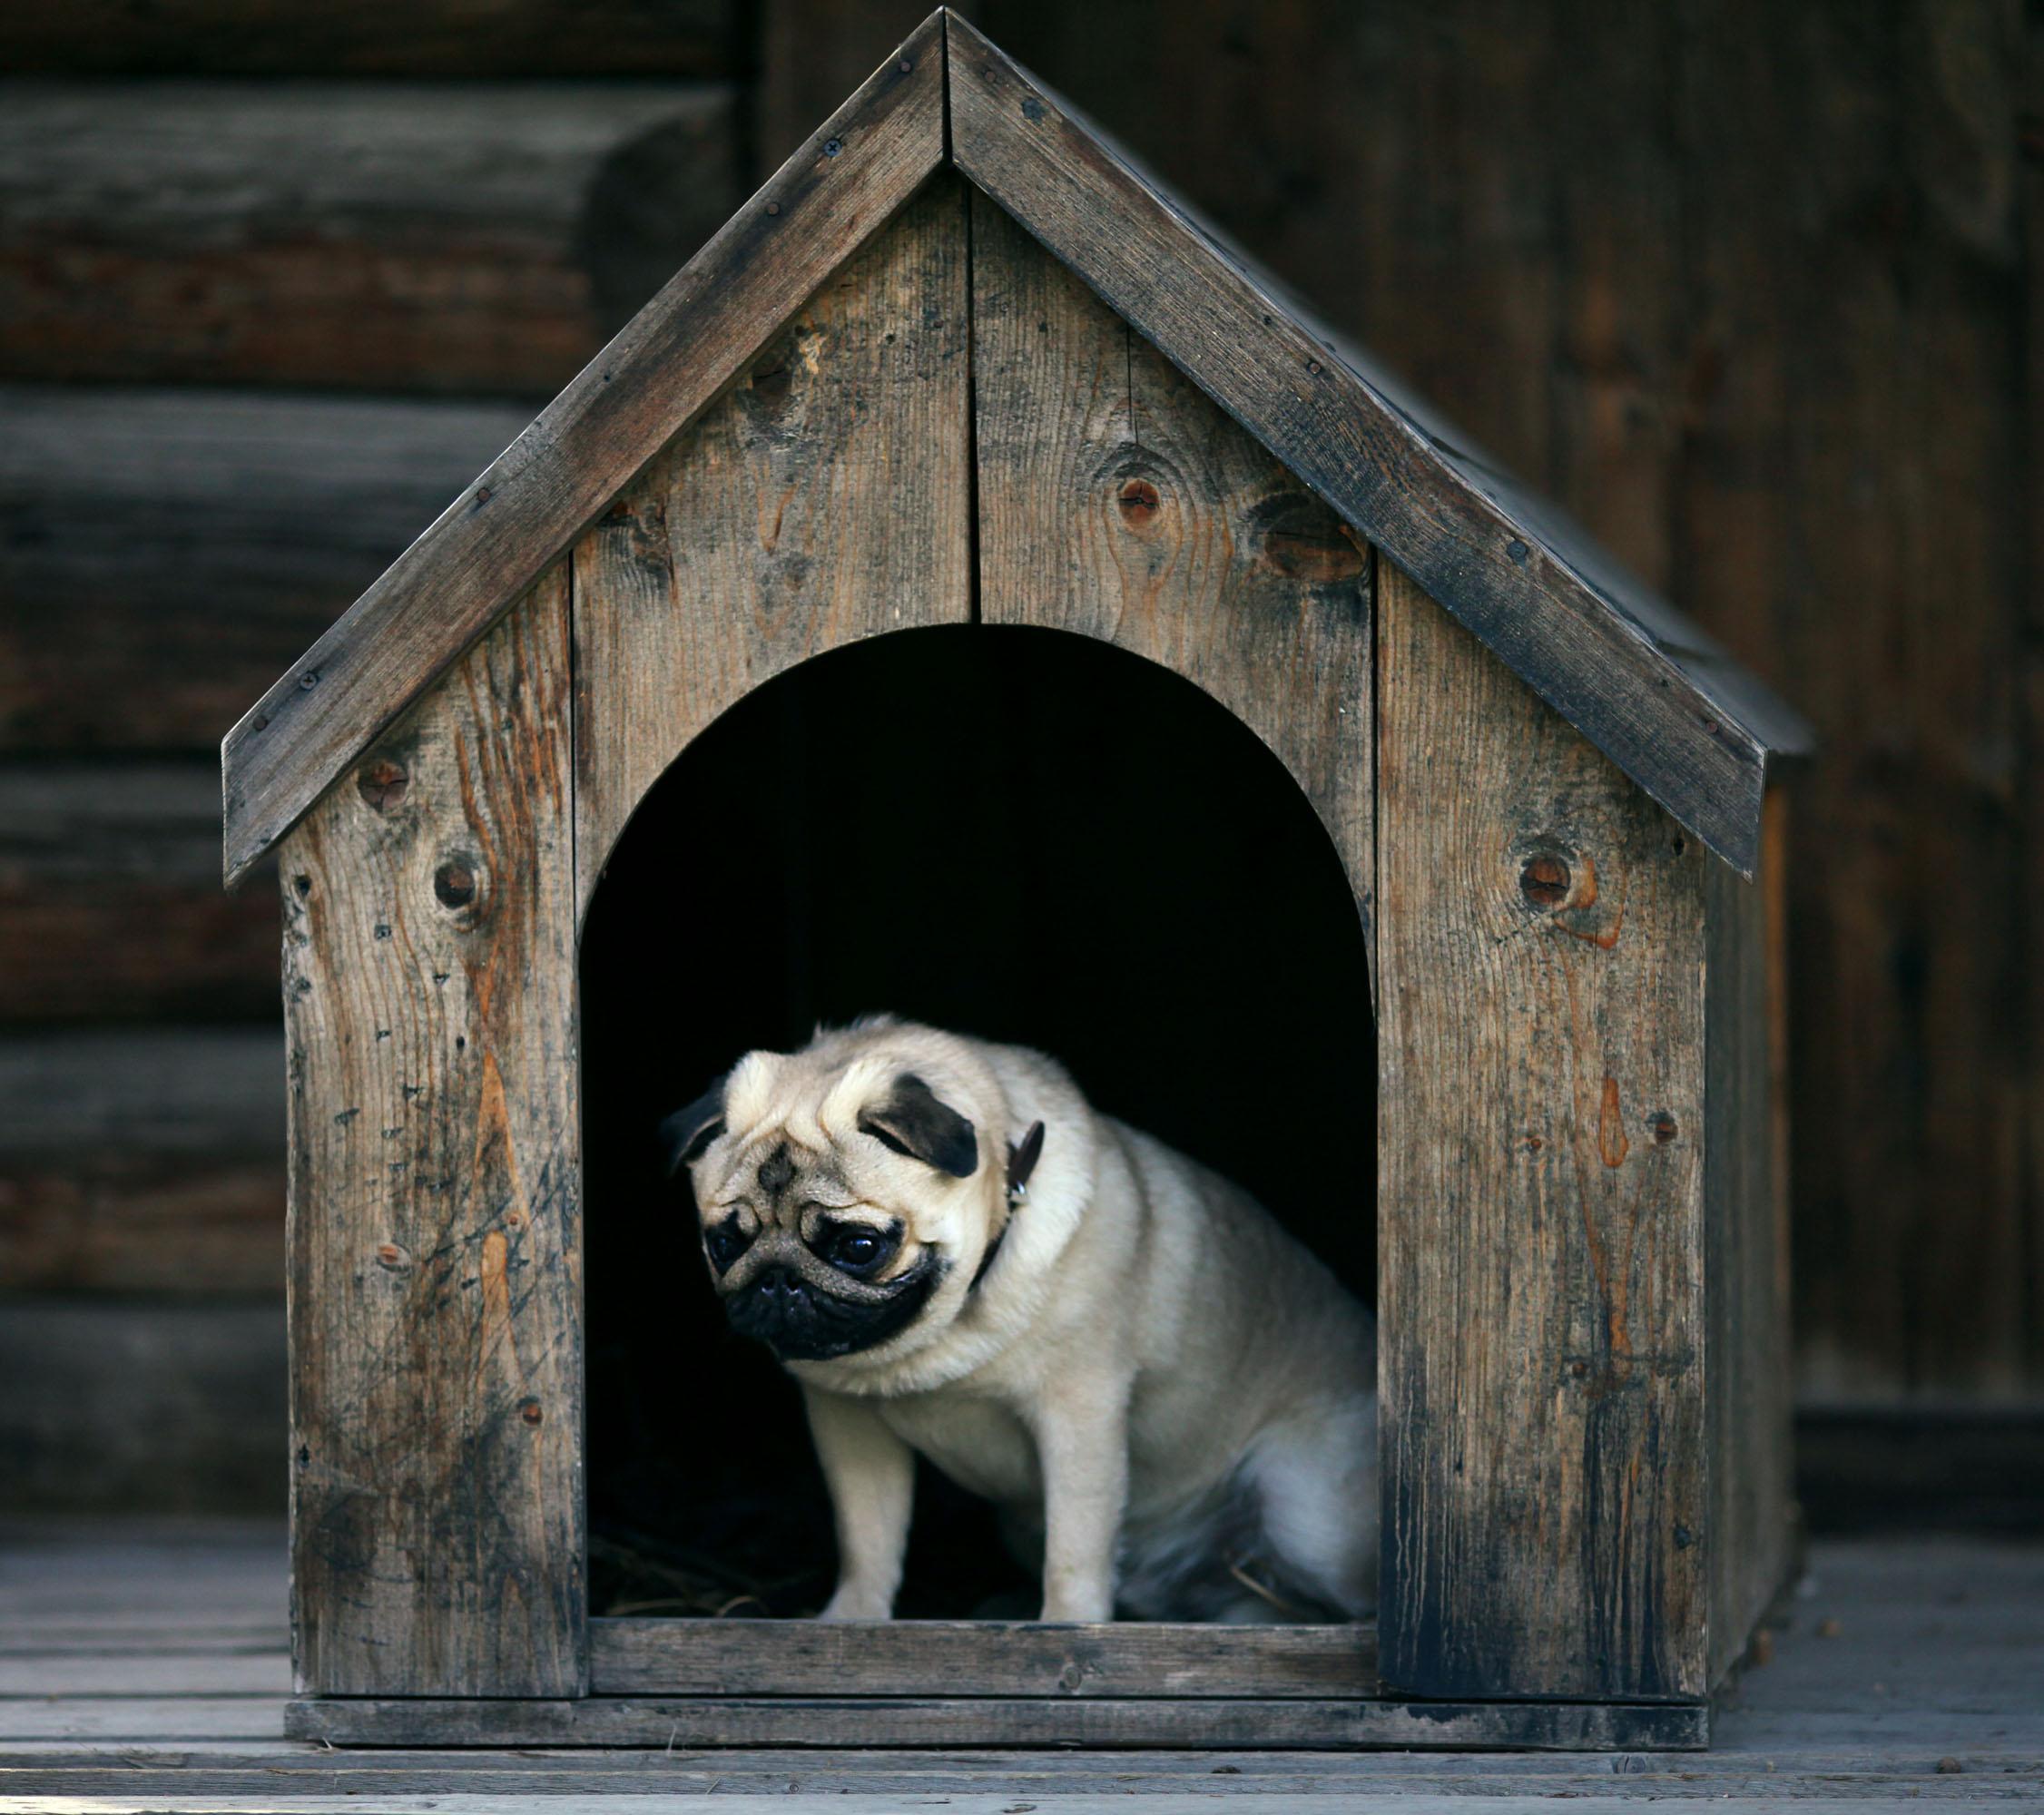 Dogilike.com :: รับมือ หมาแก่ ... ทำความเข้าใจกับการเปลี่ยนไปของน้องหมาเมื่อเข้าสู่ช่วงสูงวัย